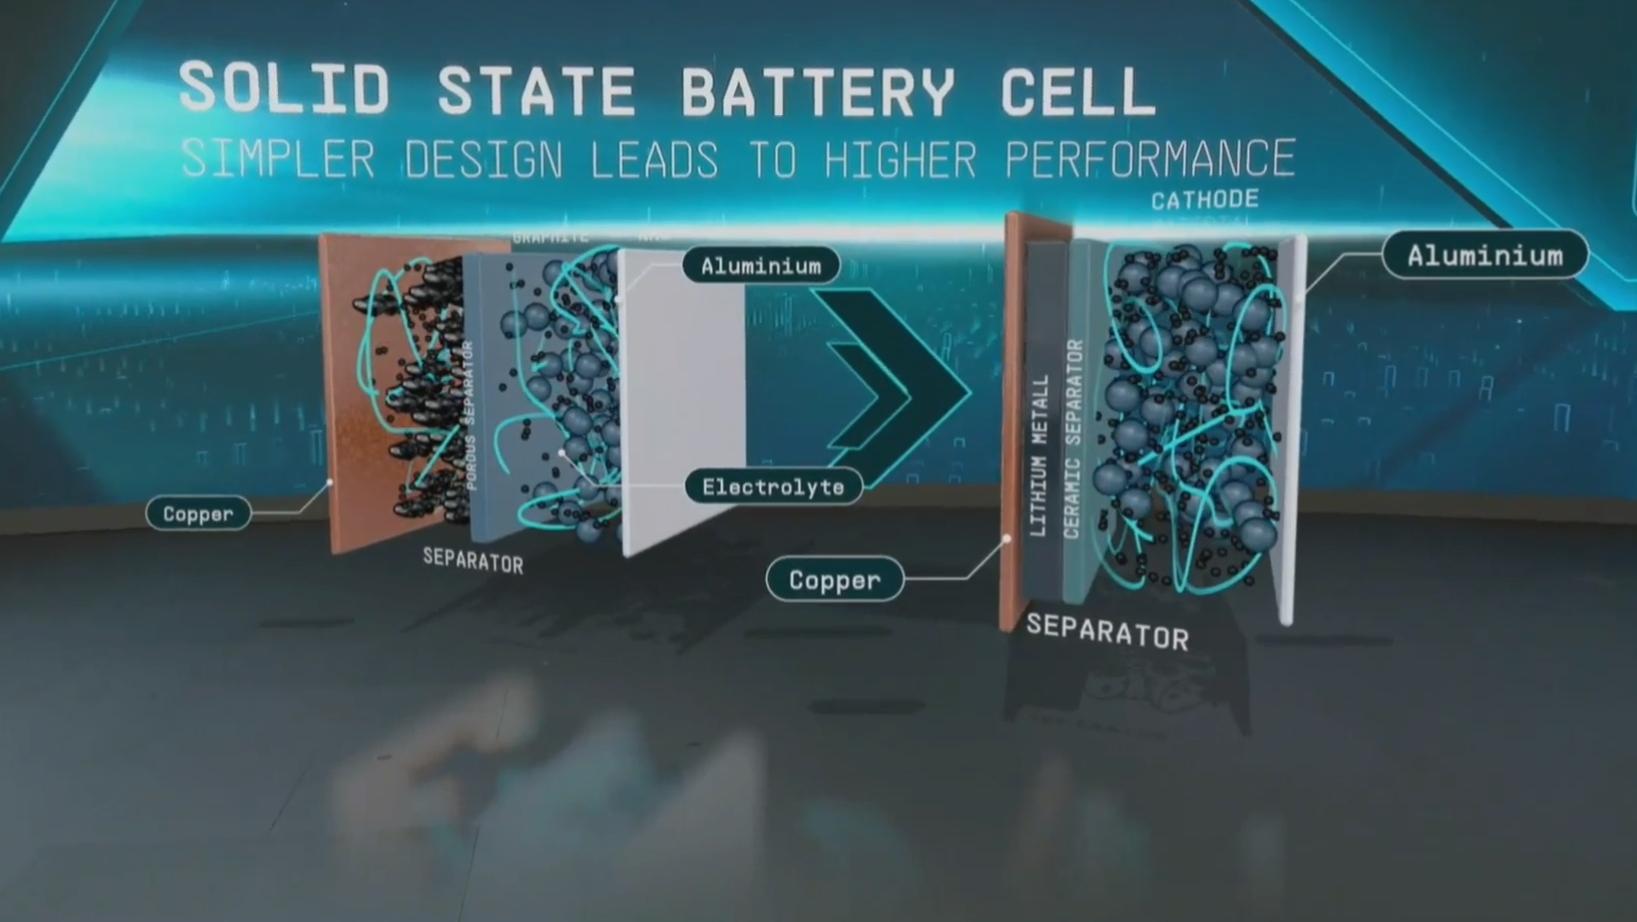 baterias em estado sólido